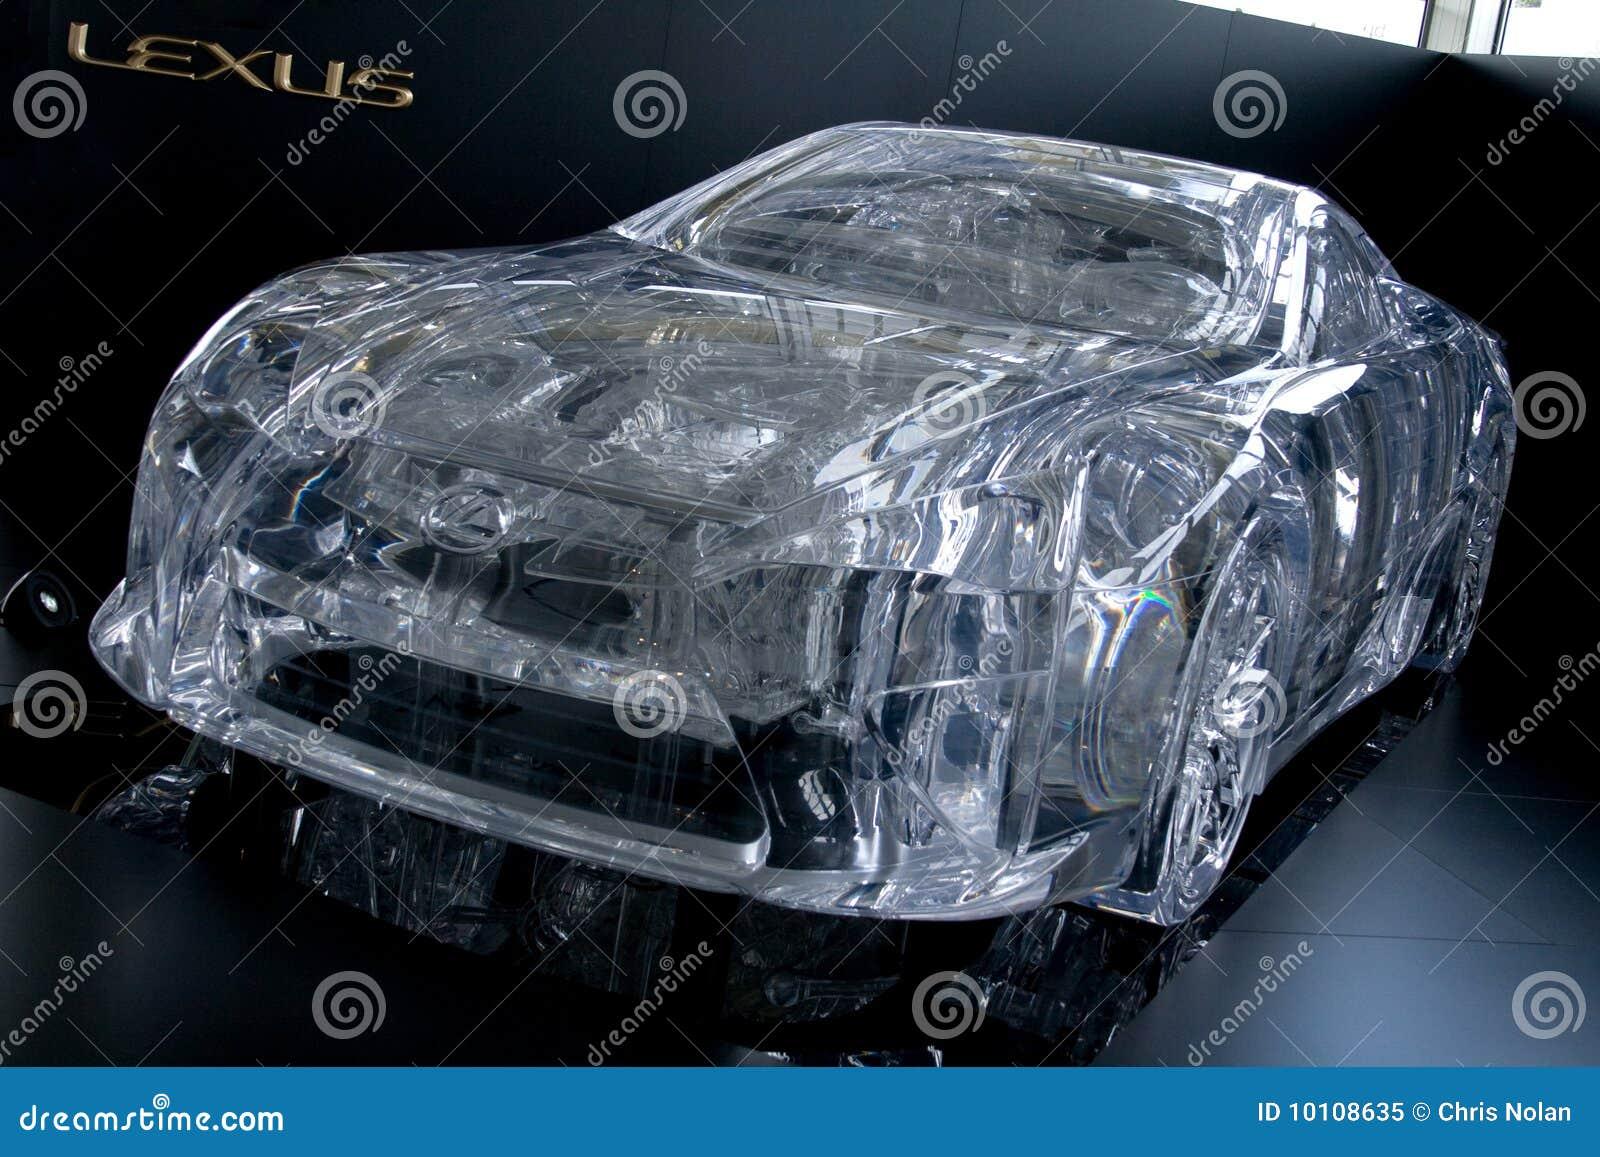 Perspex Lexus Lf A Car Editorial Image Image Of Lexus 10108635